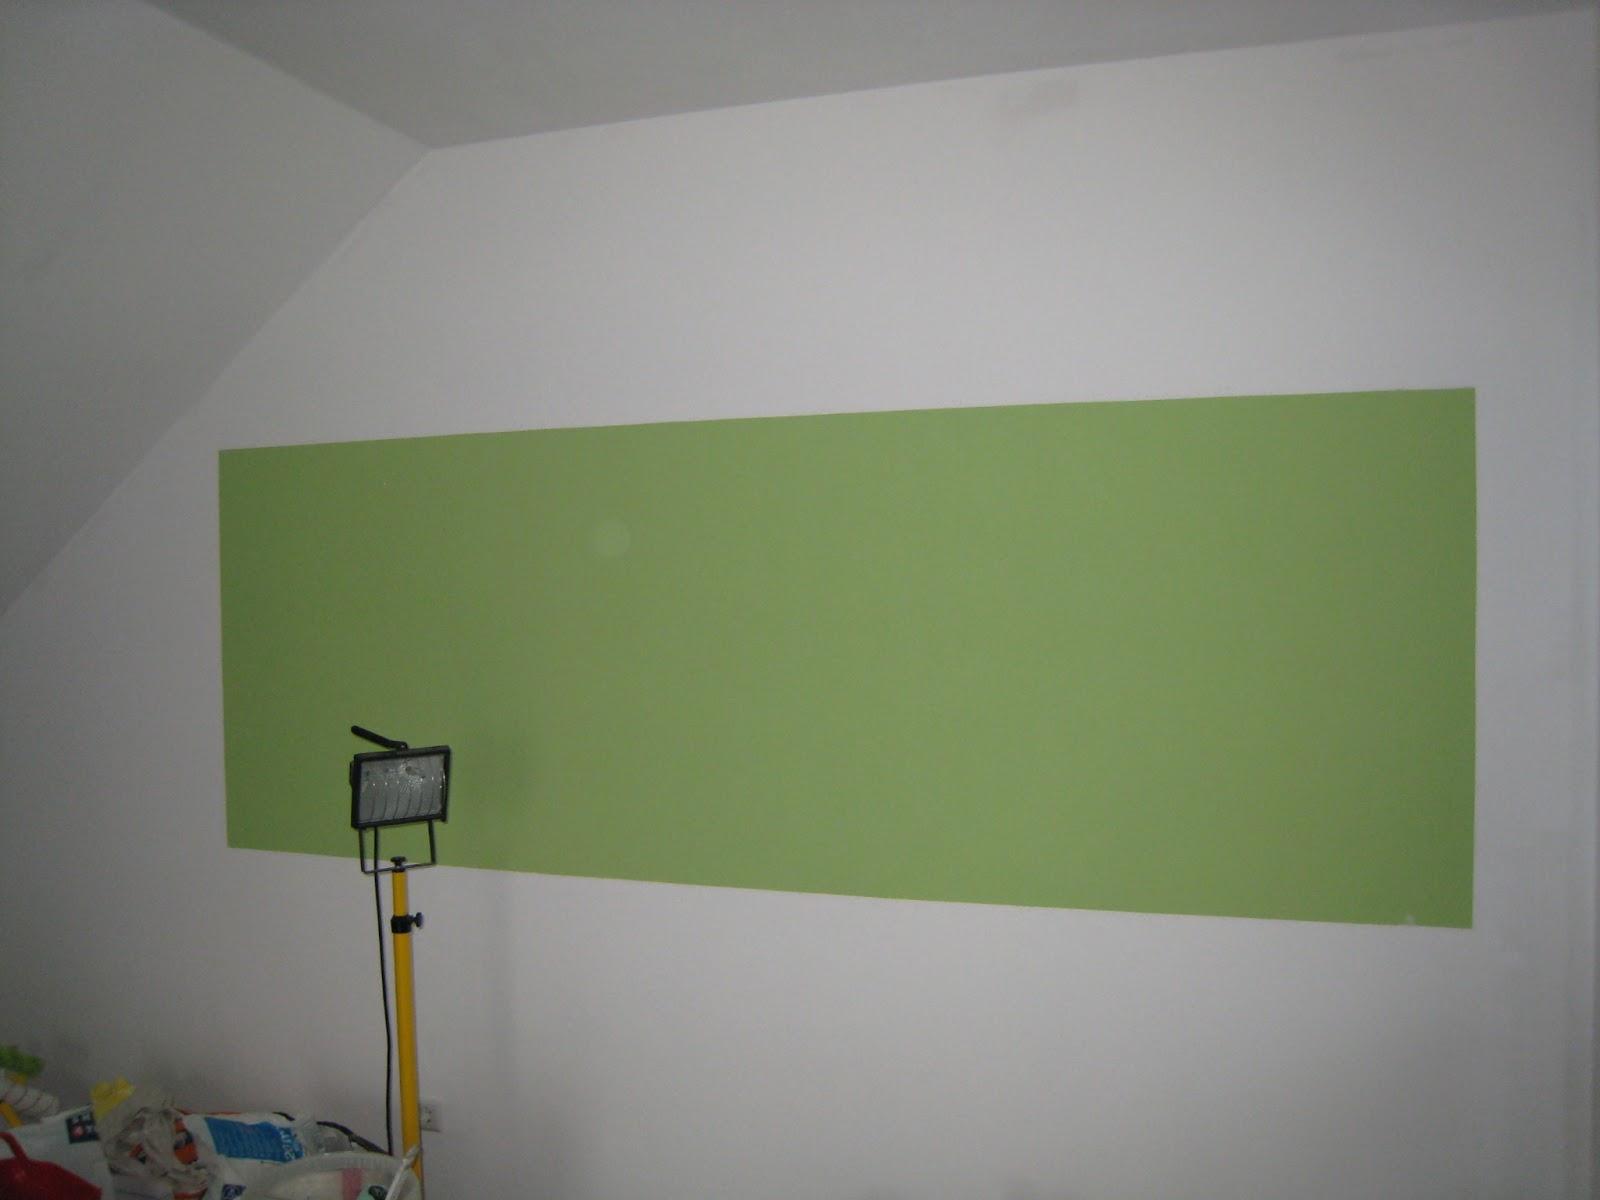 stein auf stein das haus wird bald fertig sein farbe im kinderzimmer. Black Bedroom Furniture Sets. Home Design Ideas